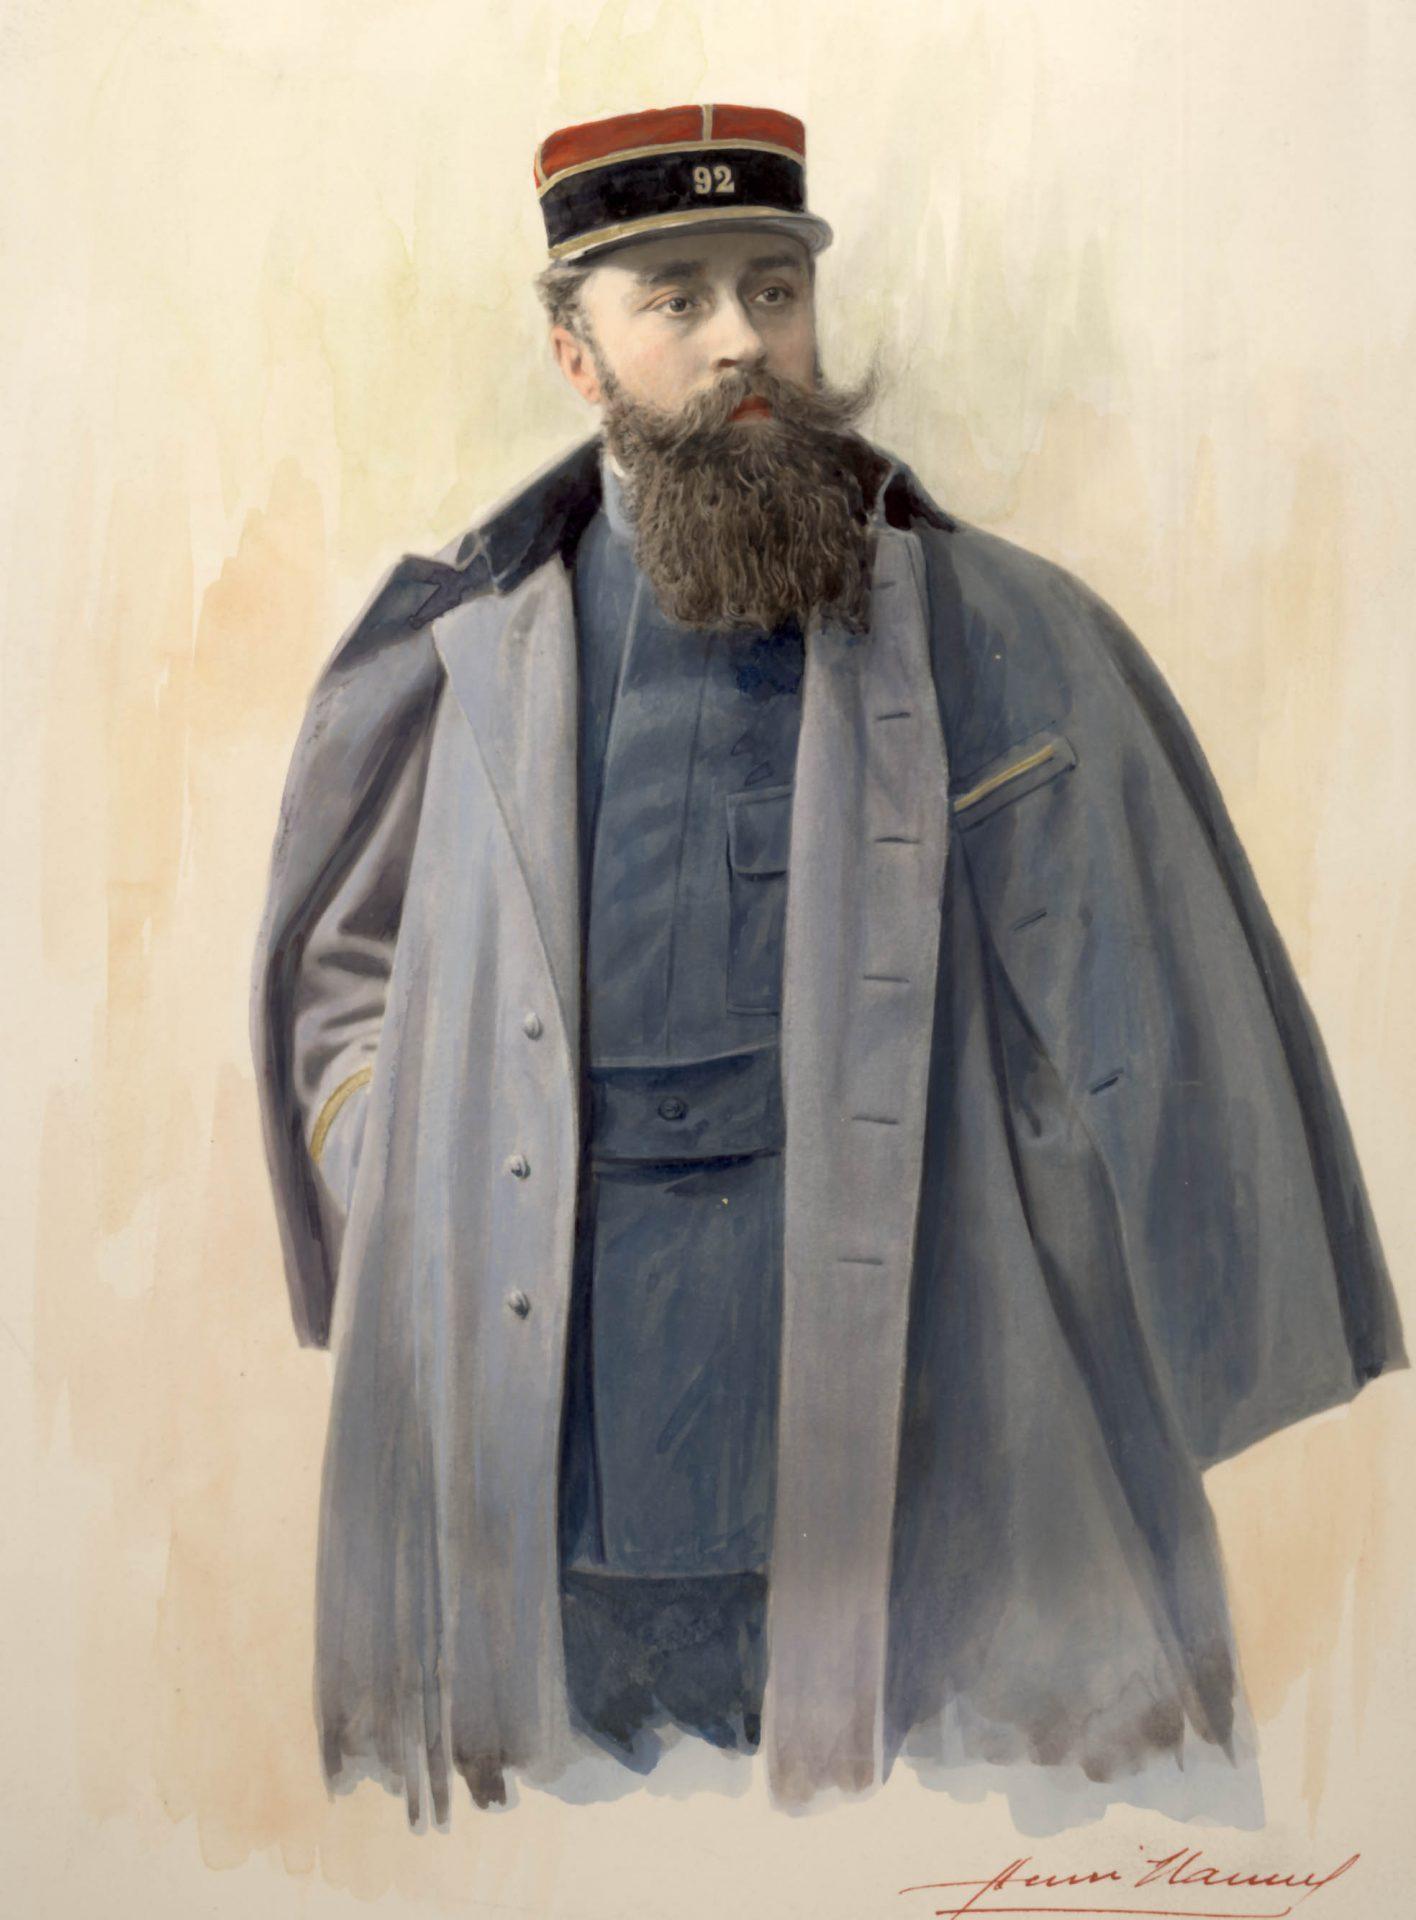 Dessin colorisé d'après photo, par Henri Manuel, de Varenne en costume militaire avec un 92 sur le képi. Remarque: à vue de son carnet militaire, il n'en a jamais fait partie.